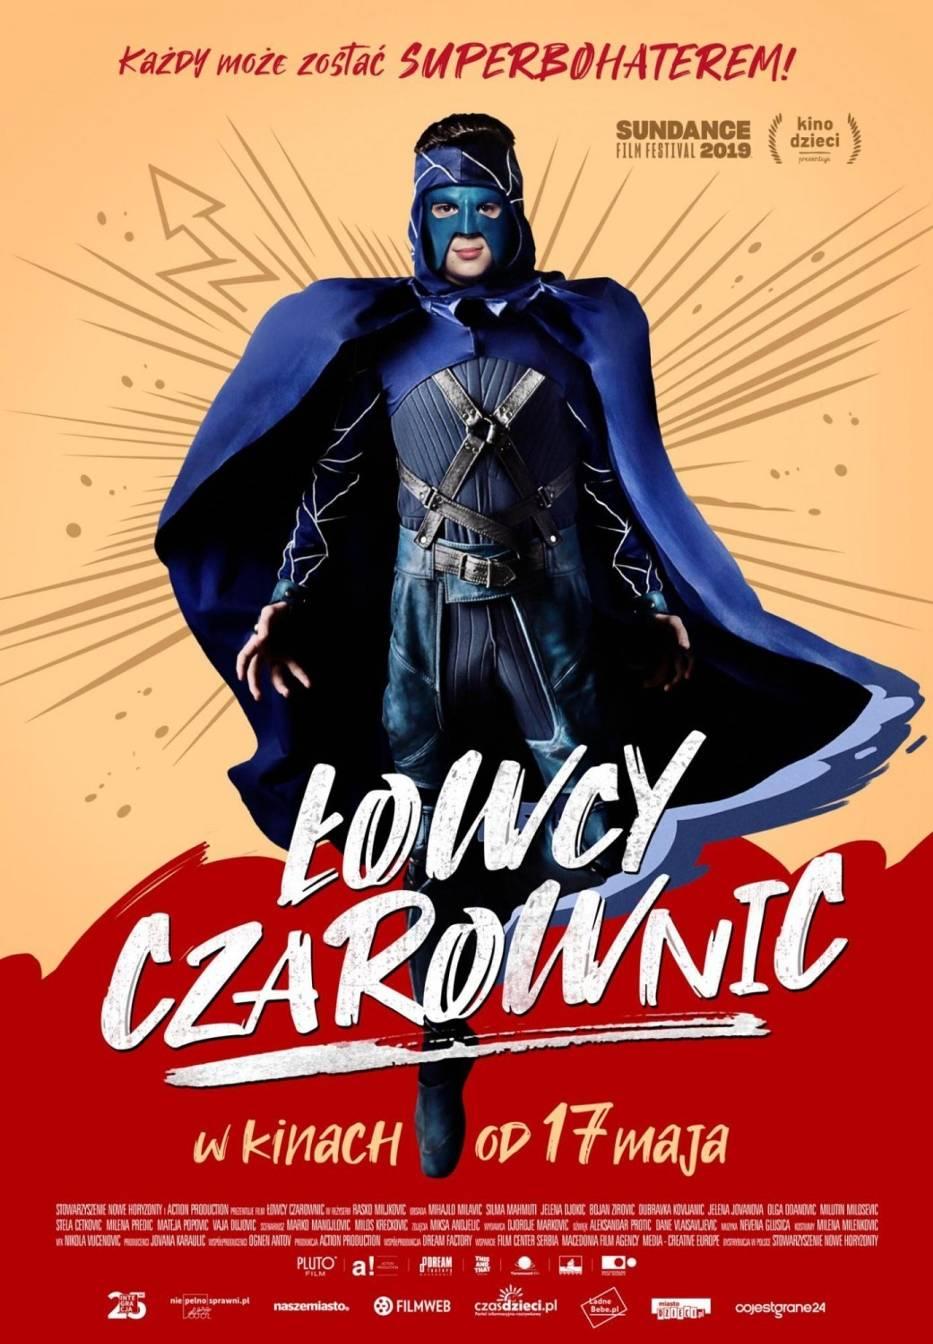 Łowcy czarownic / Kino Nowe Horyzonty